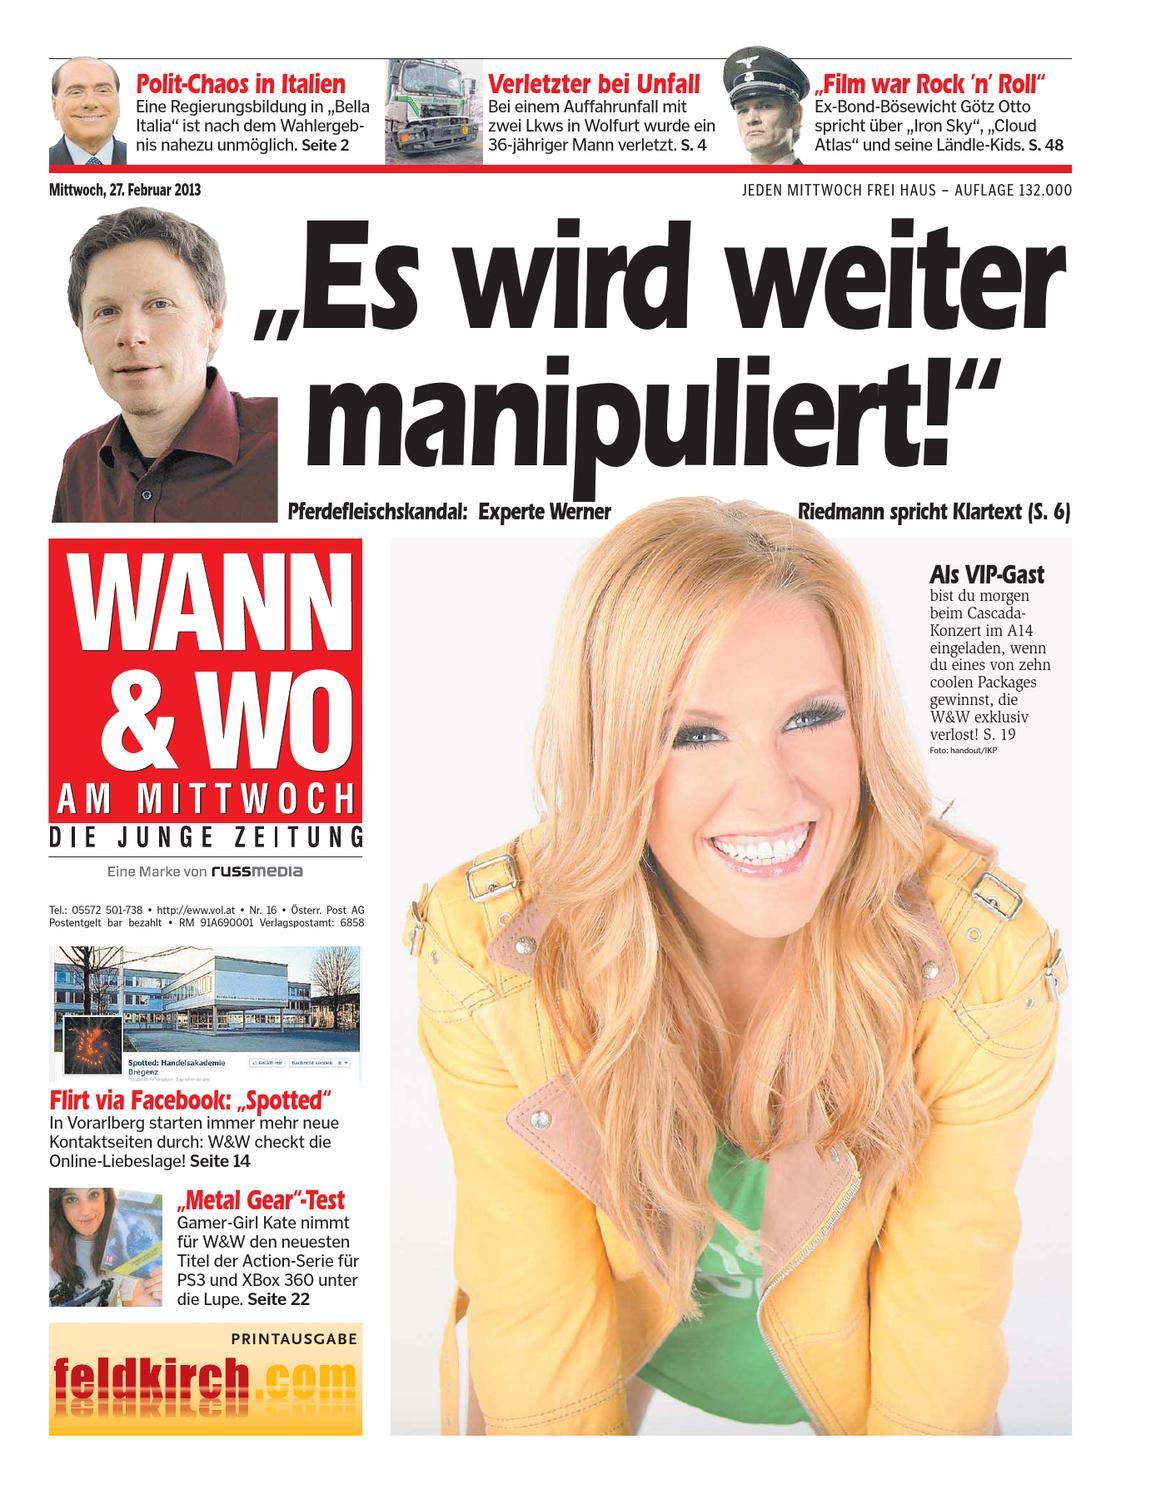 Singlebrse in Feldkirch und Singletreff: Paar - flirt-hunter